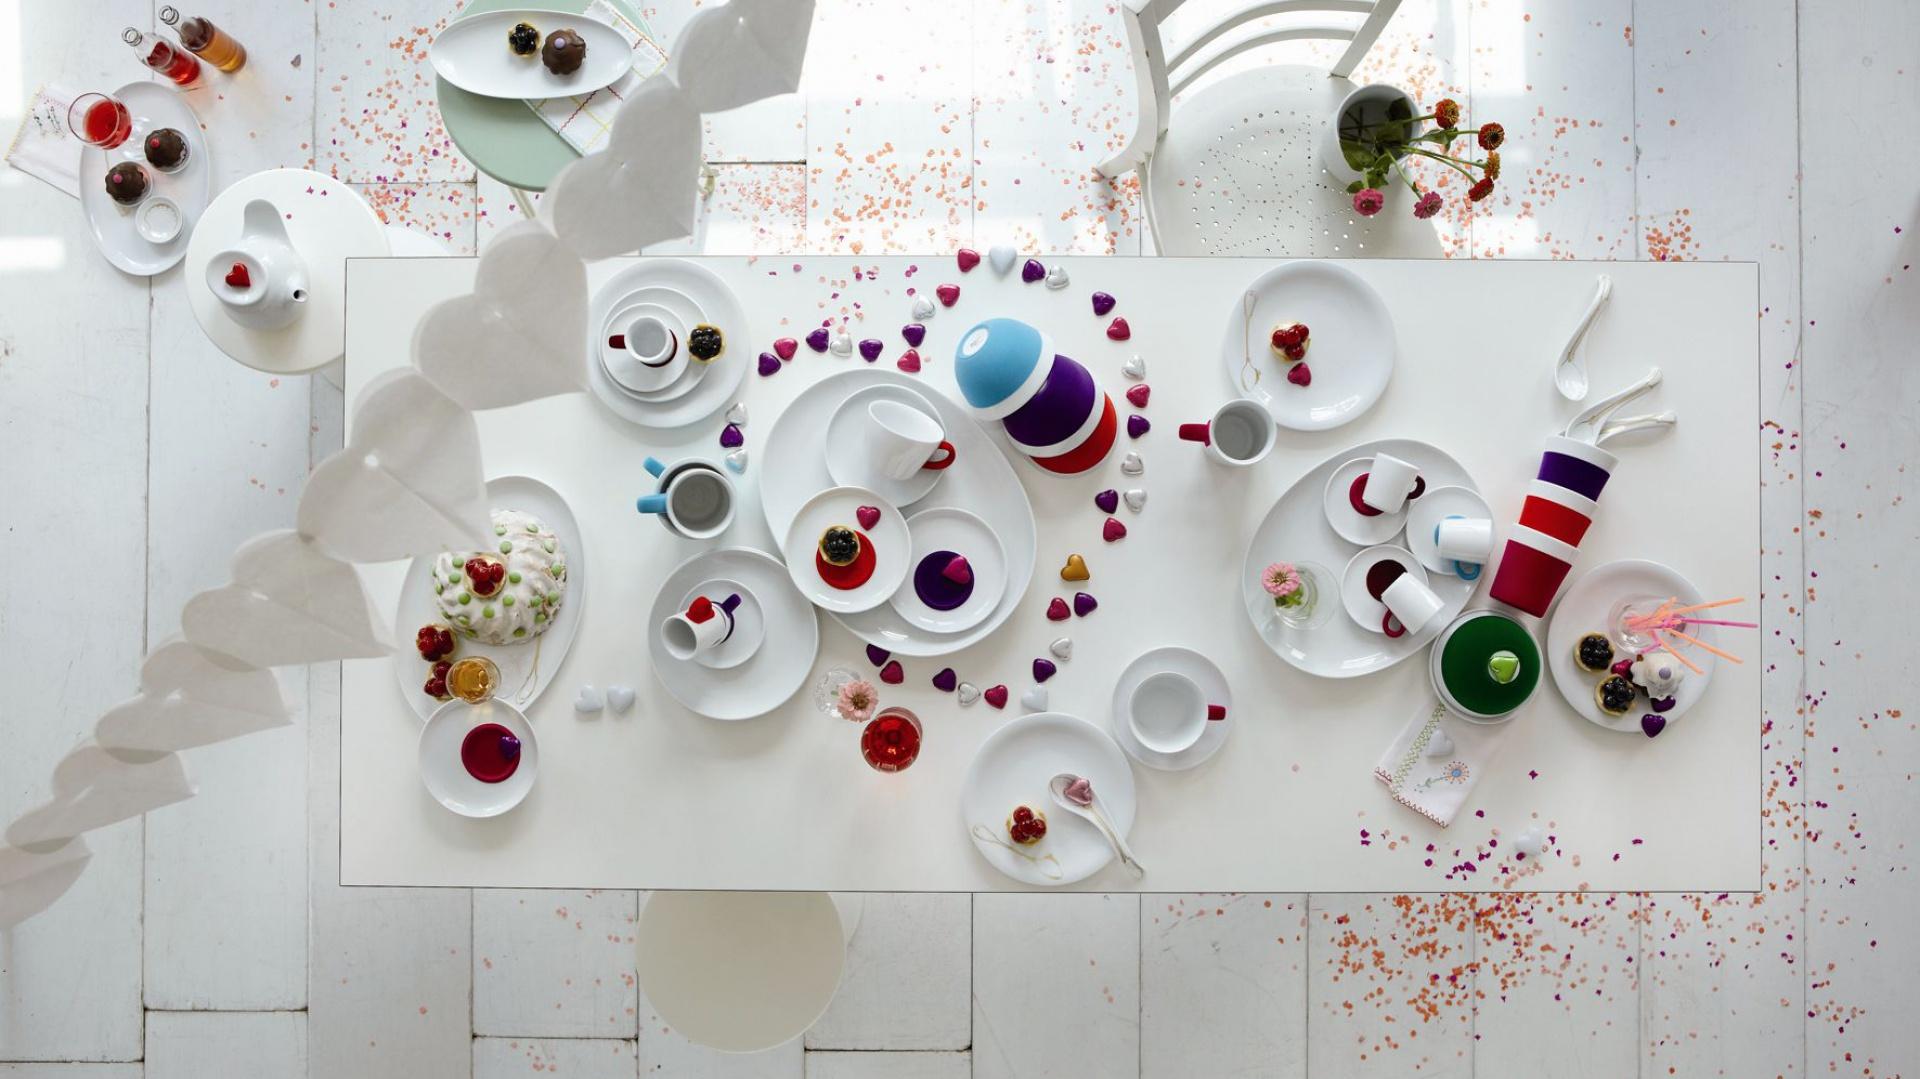 Serca i serduszka to najbardziej lubiane ozdoby w Święto Zakochanych. Sprawdzą się znakomicie również na stole, w połączeniu z białą czy kolorową zastawą będą wyglądać niezwykle romantycznie. Fot. Kahla.